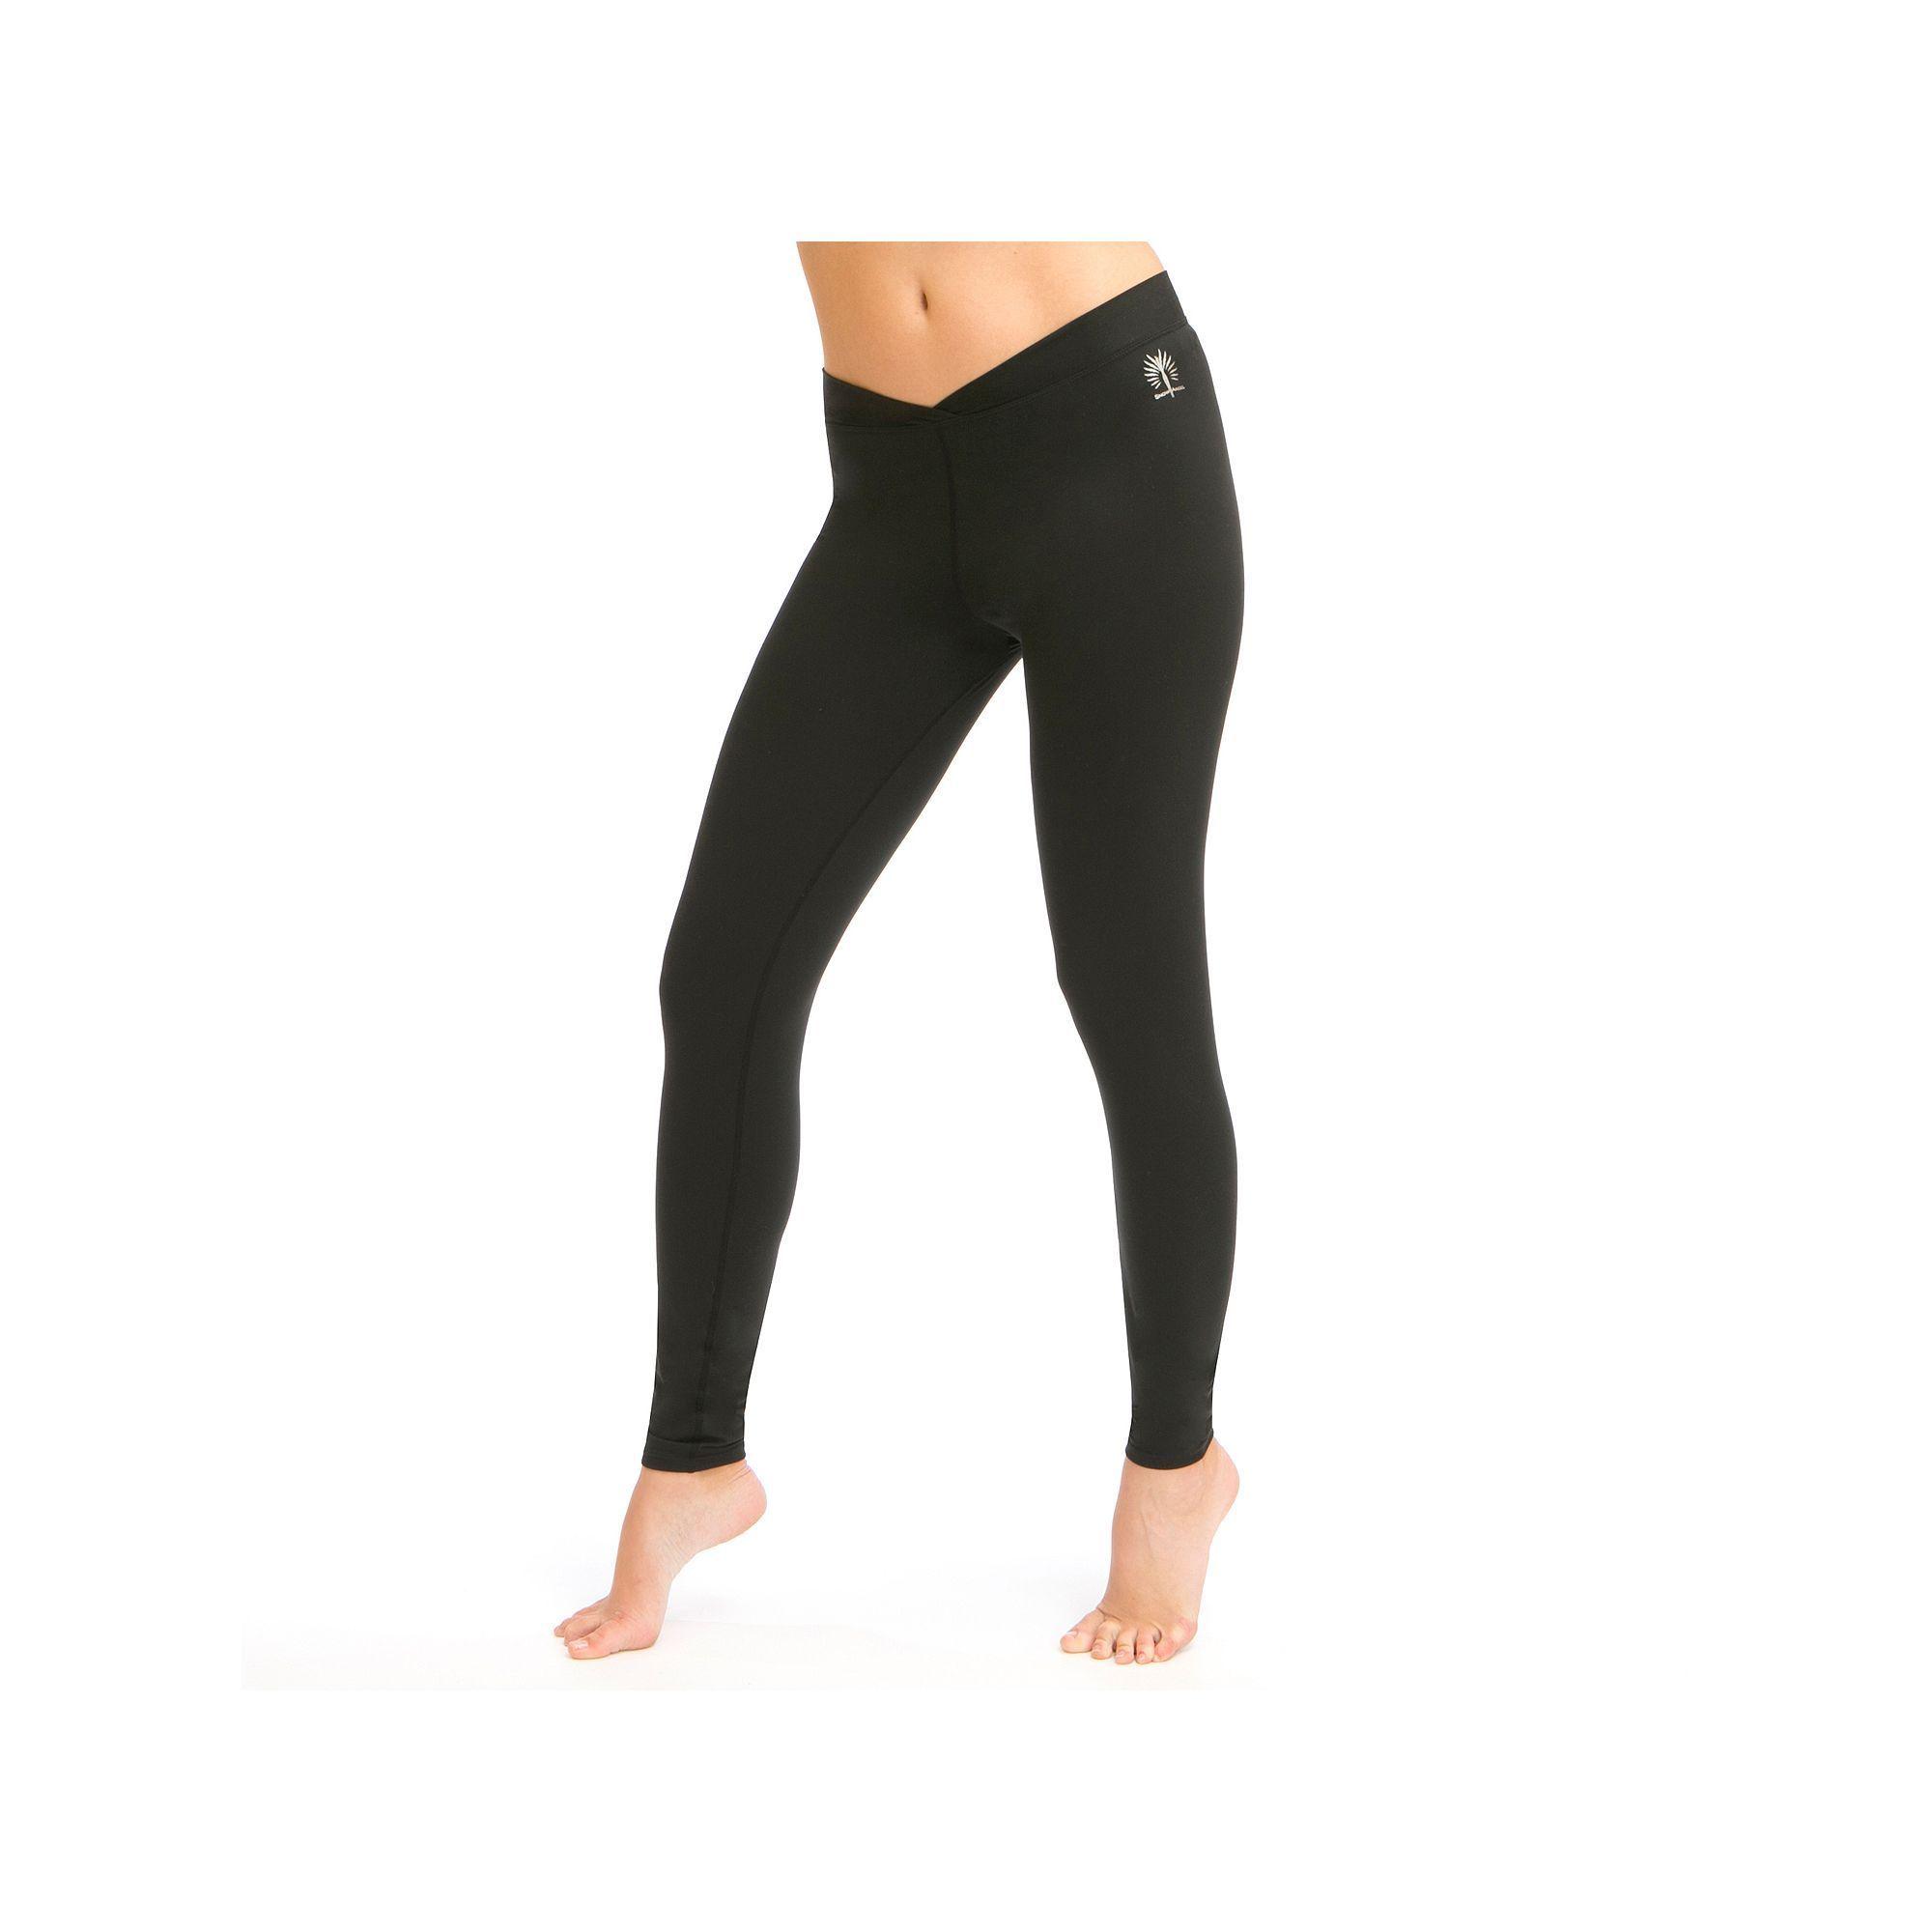 Women's Snow Angel Doeskin V-Waist Base Layer Leggings, Size: Xsml Av/Rg, Black